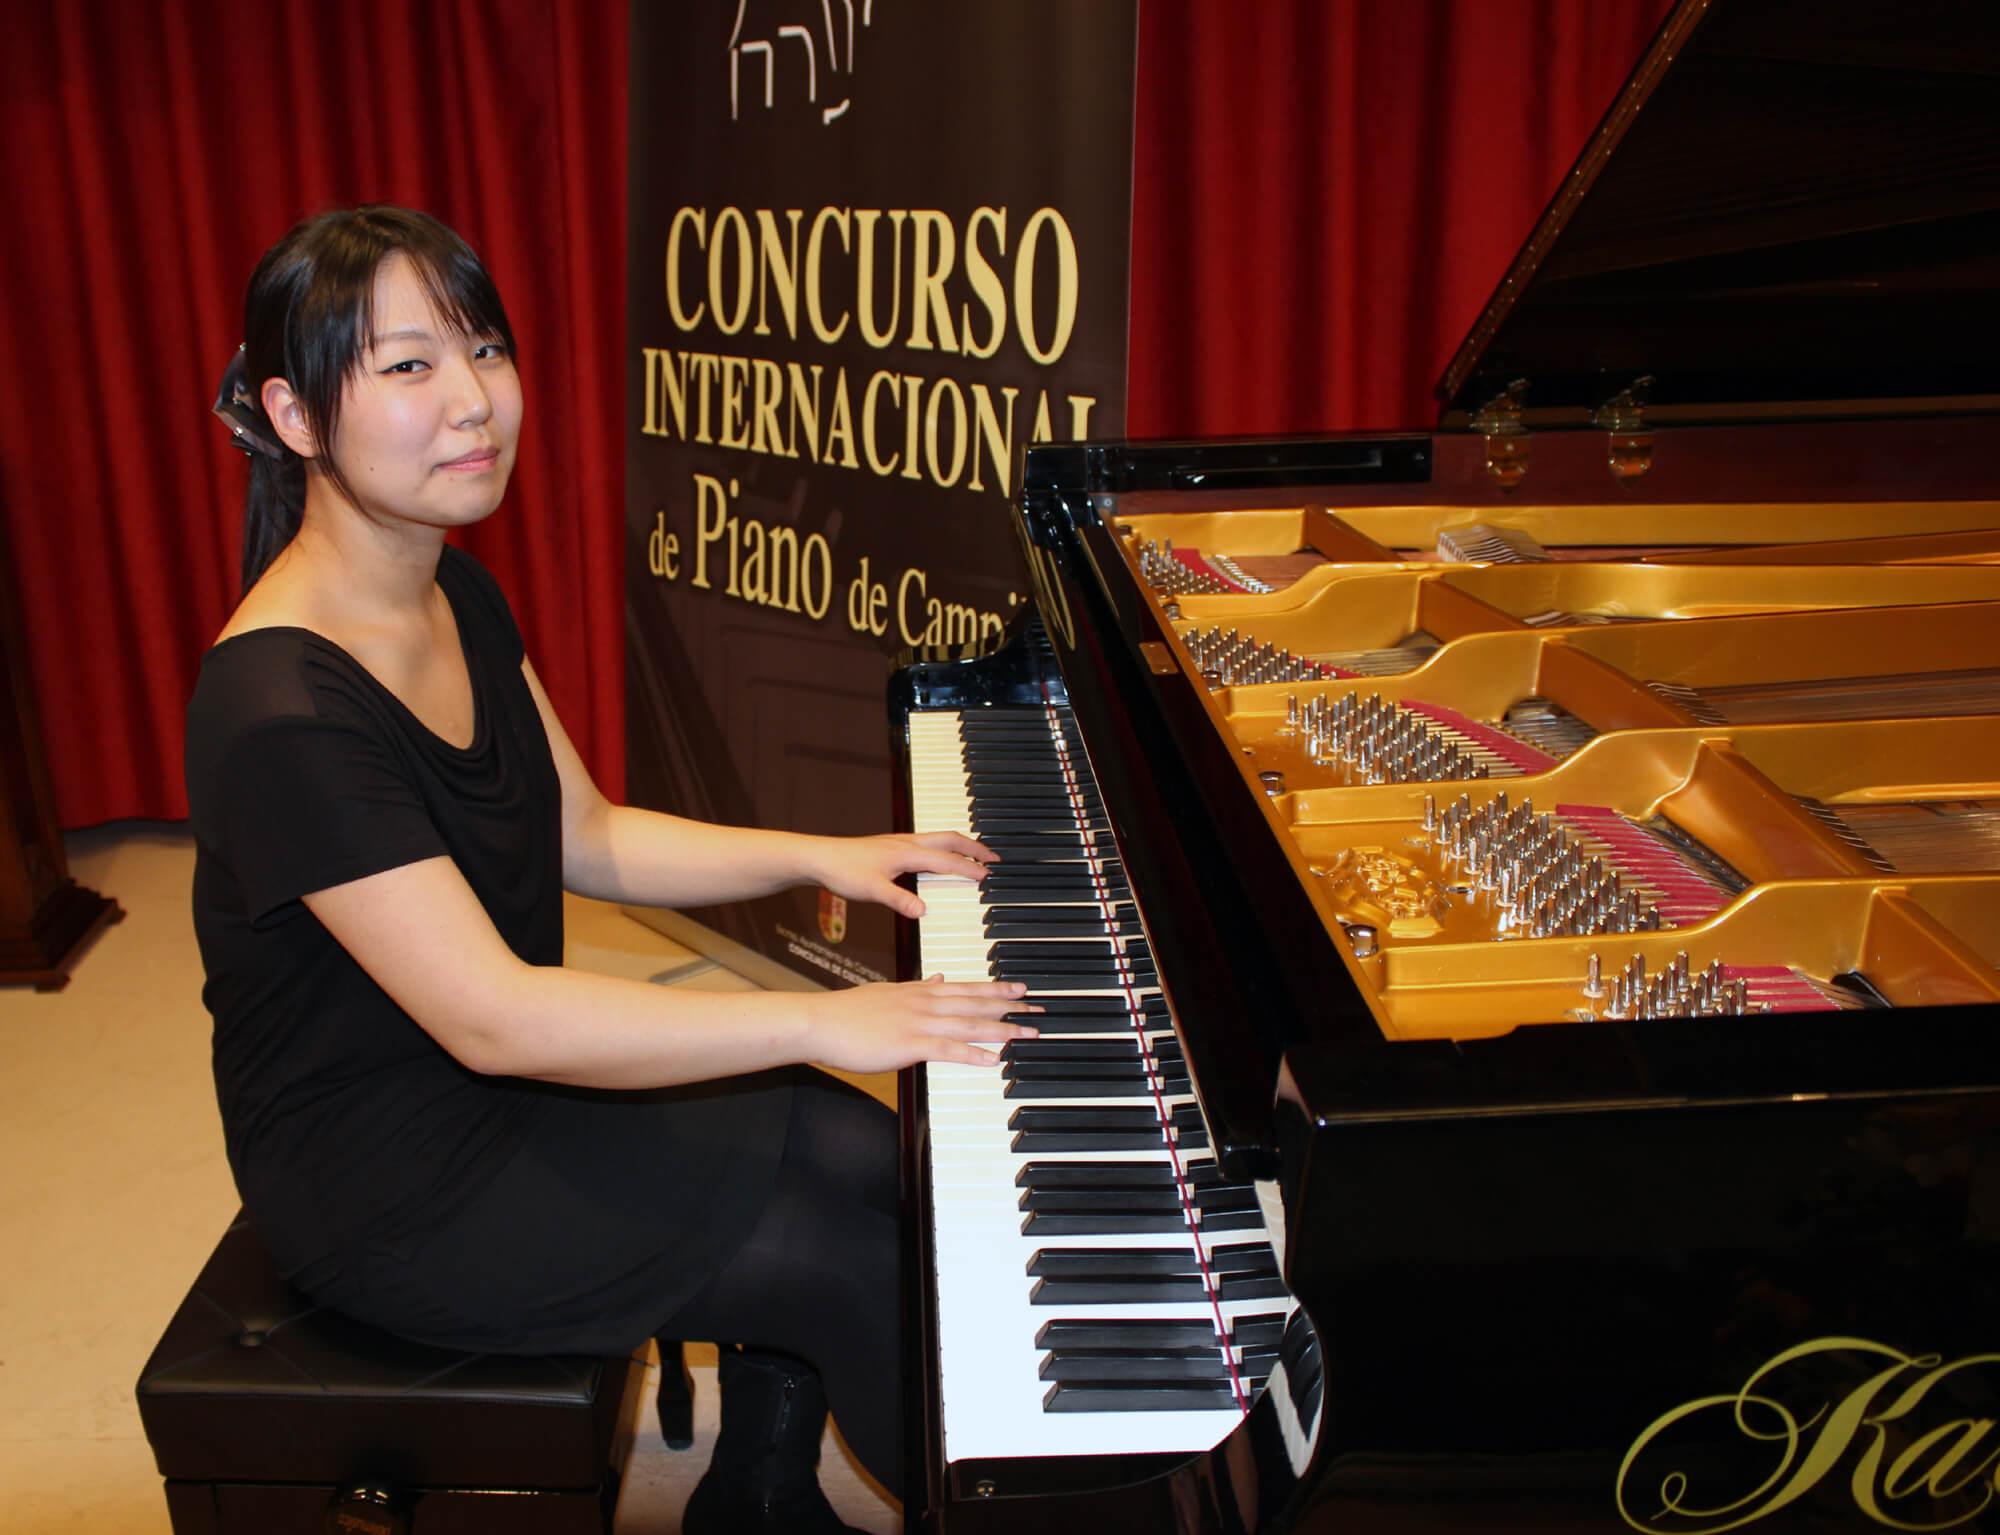 CONCURSO INTERNACIONAL DEL PIANO EN CAMPILLOS